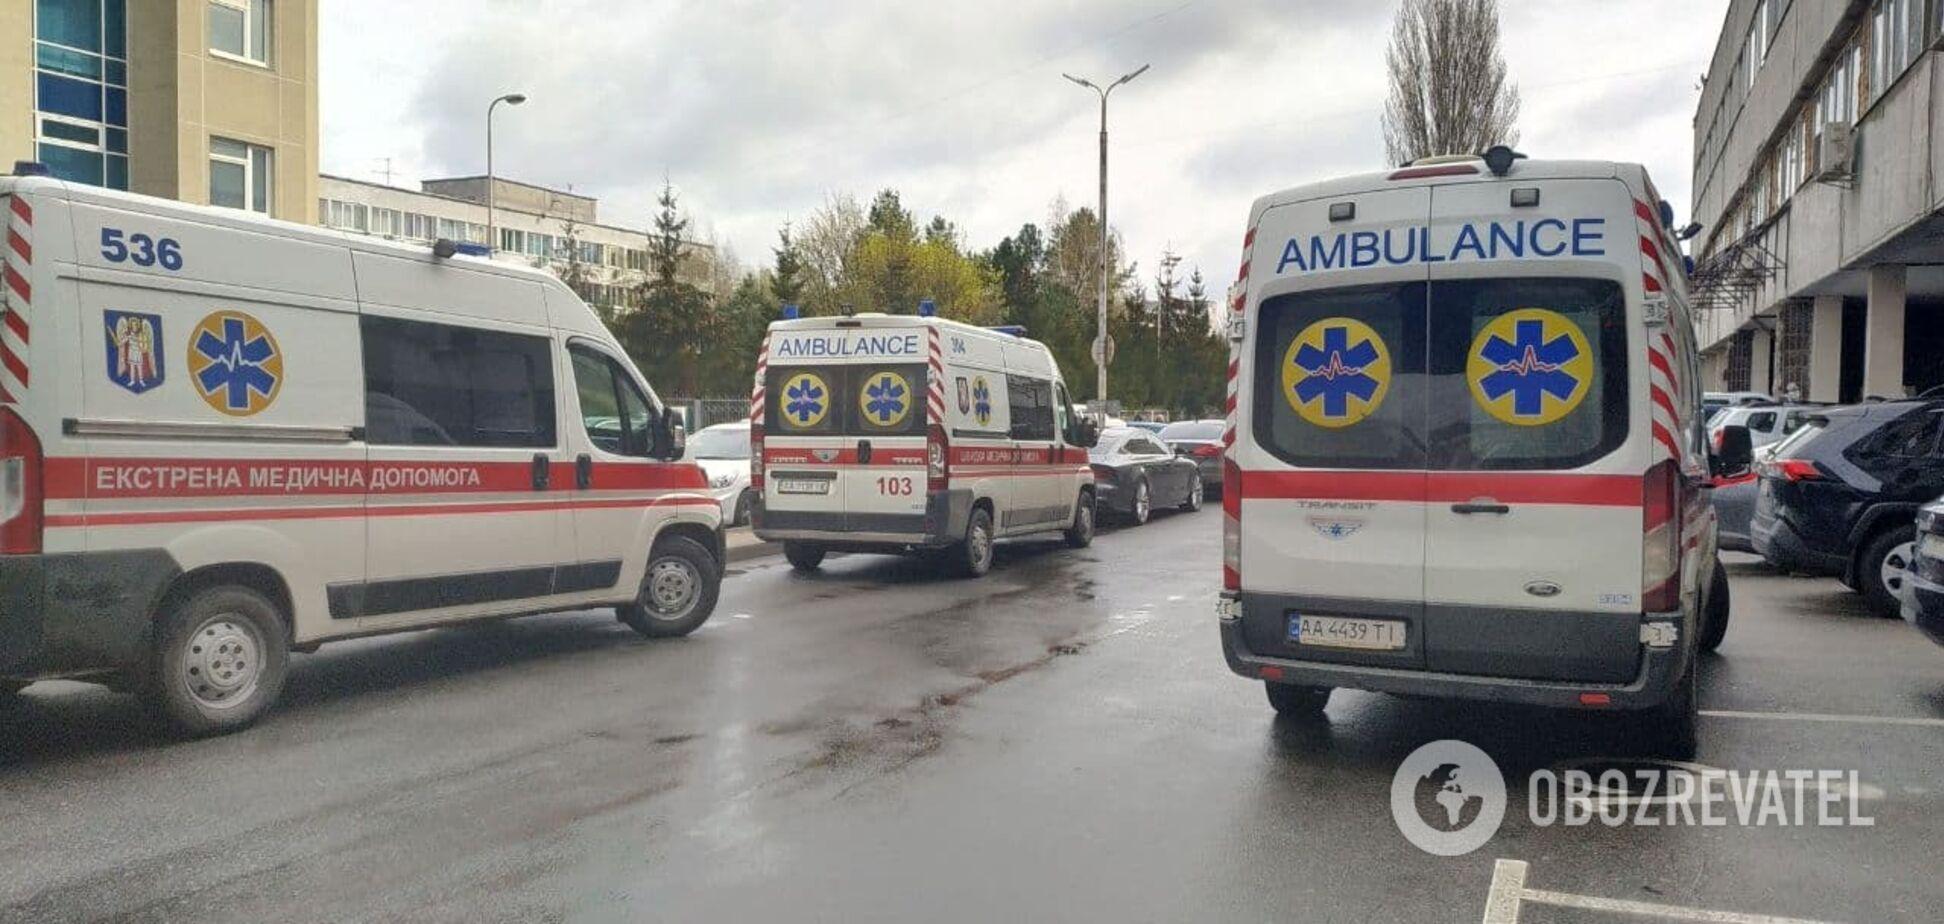 Локдаун в Киеве работает, но говорить о спаде рано: врачи рассказали, какая на самом деле ситуация с COVID-19